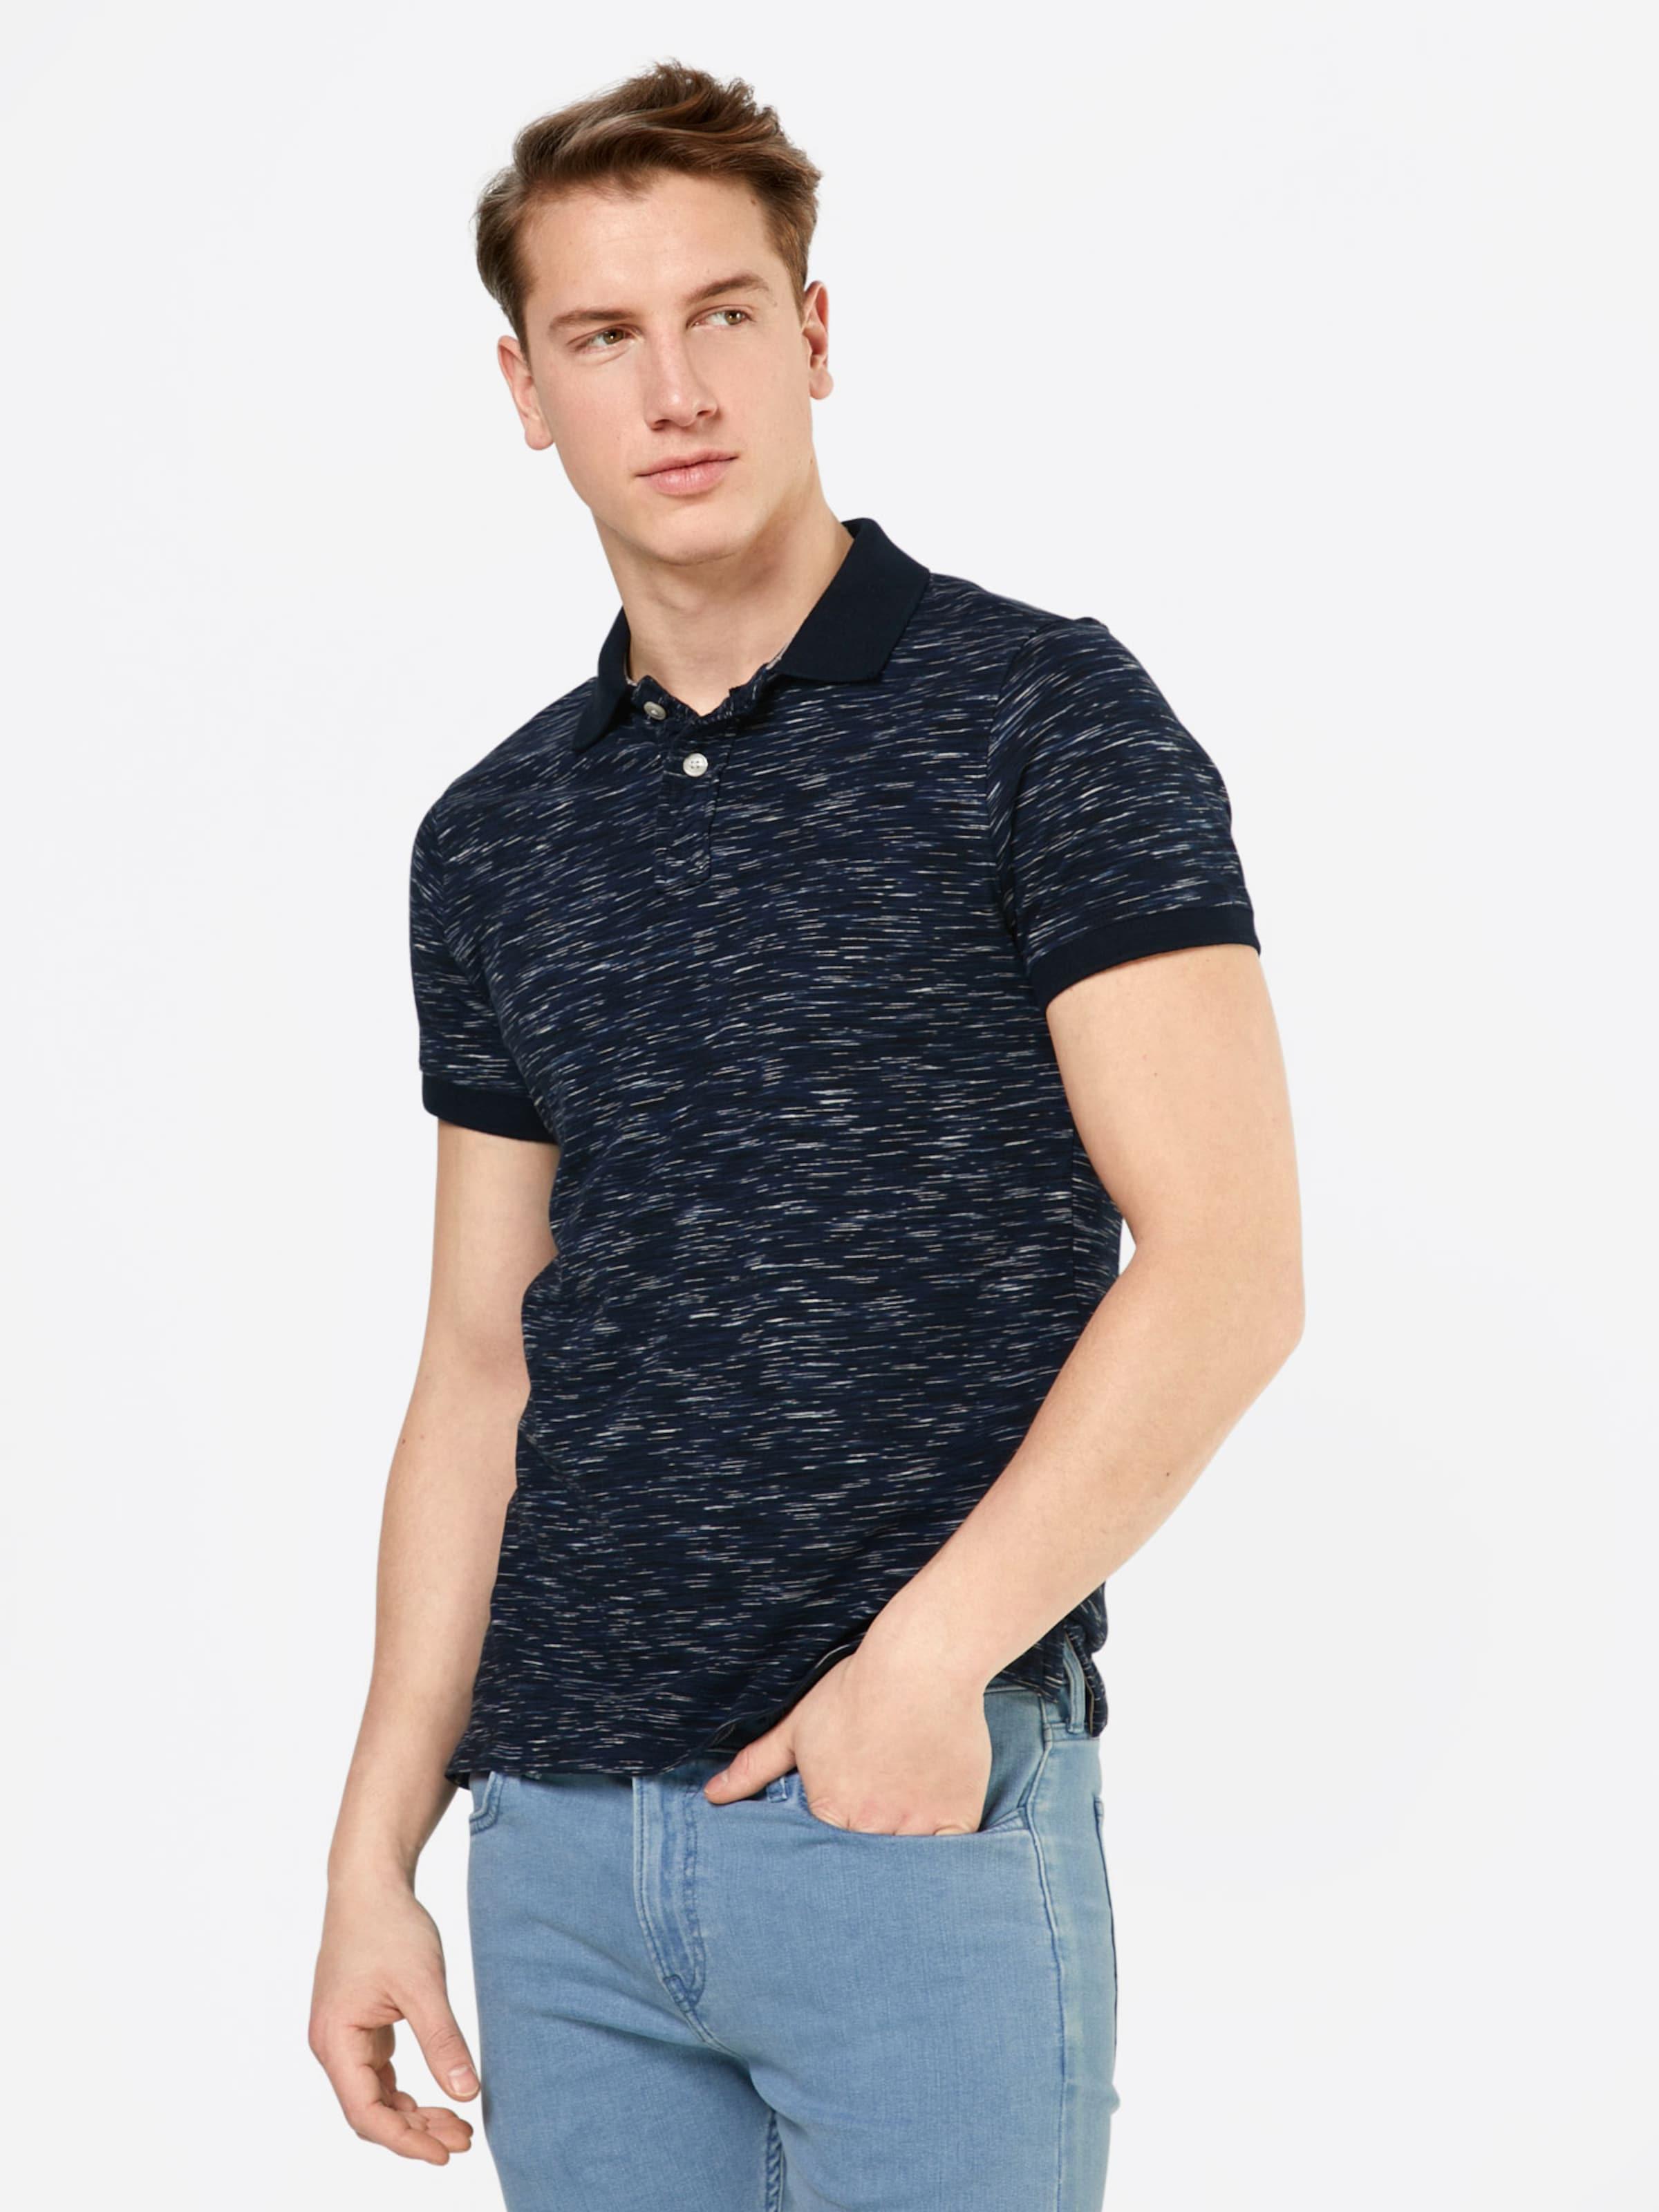 Verkauf Niedriger Versand Spielraum Breite Palette Von O'NEILL Shirt 'JACK'S SPECIAL POLO' Freies Verschiffen Online-Shopping Starttermin Für Verkauf gfOVe55